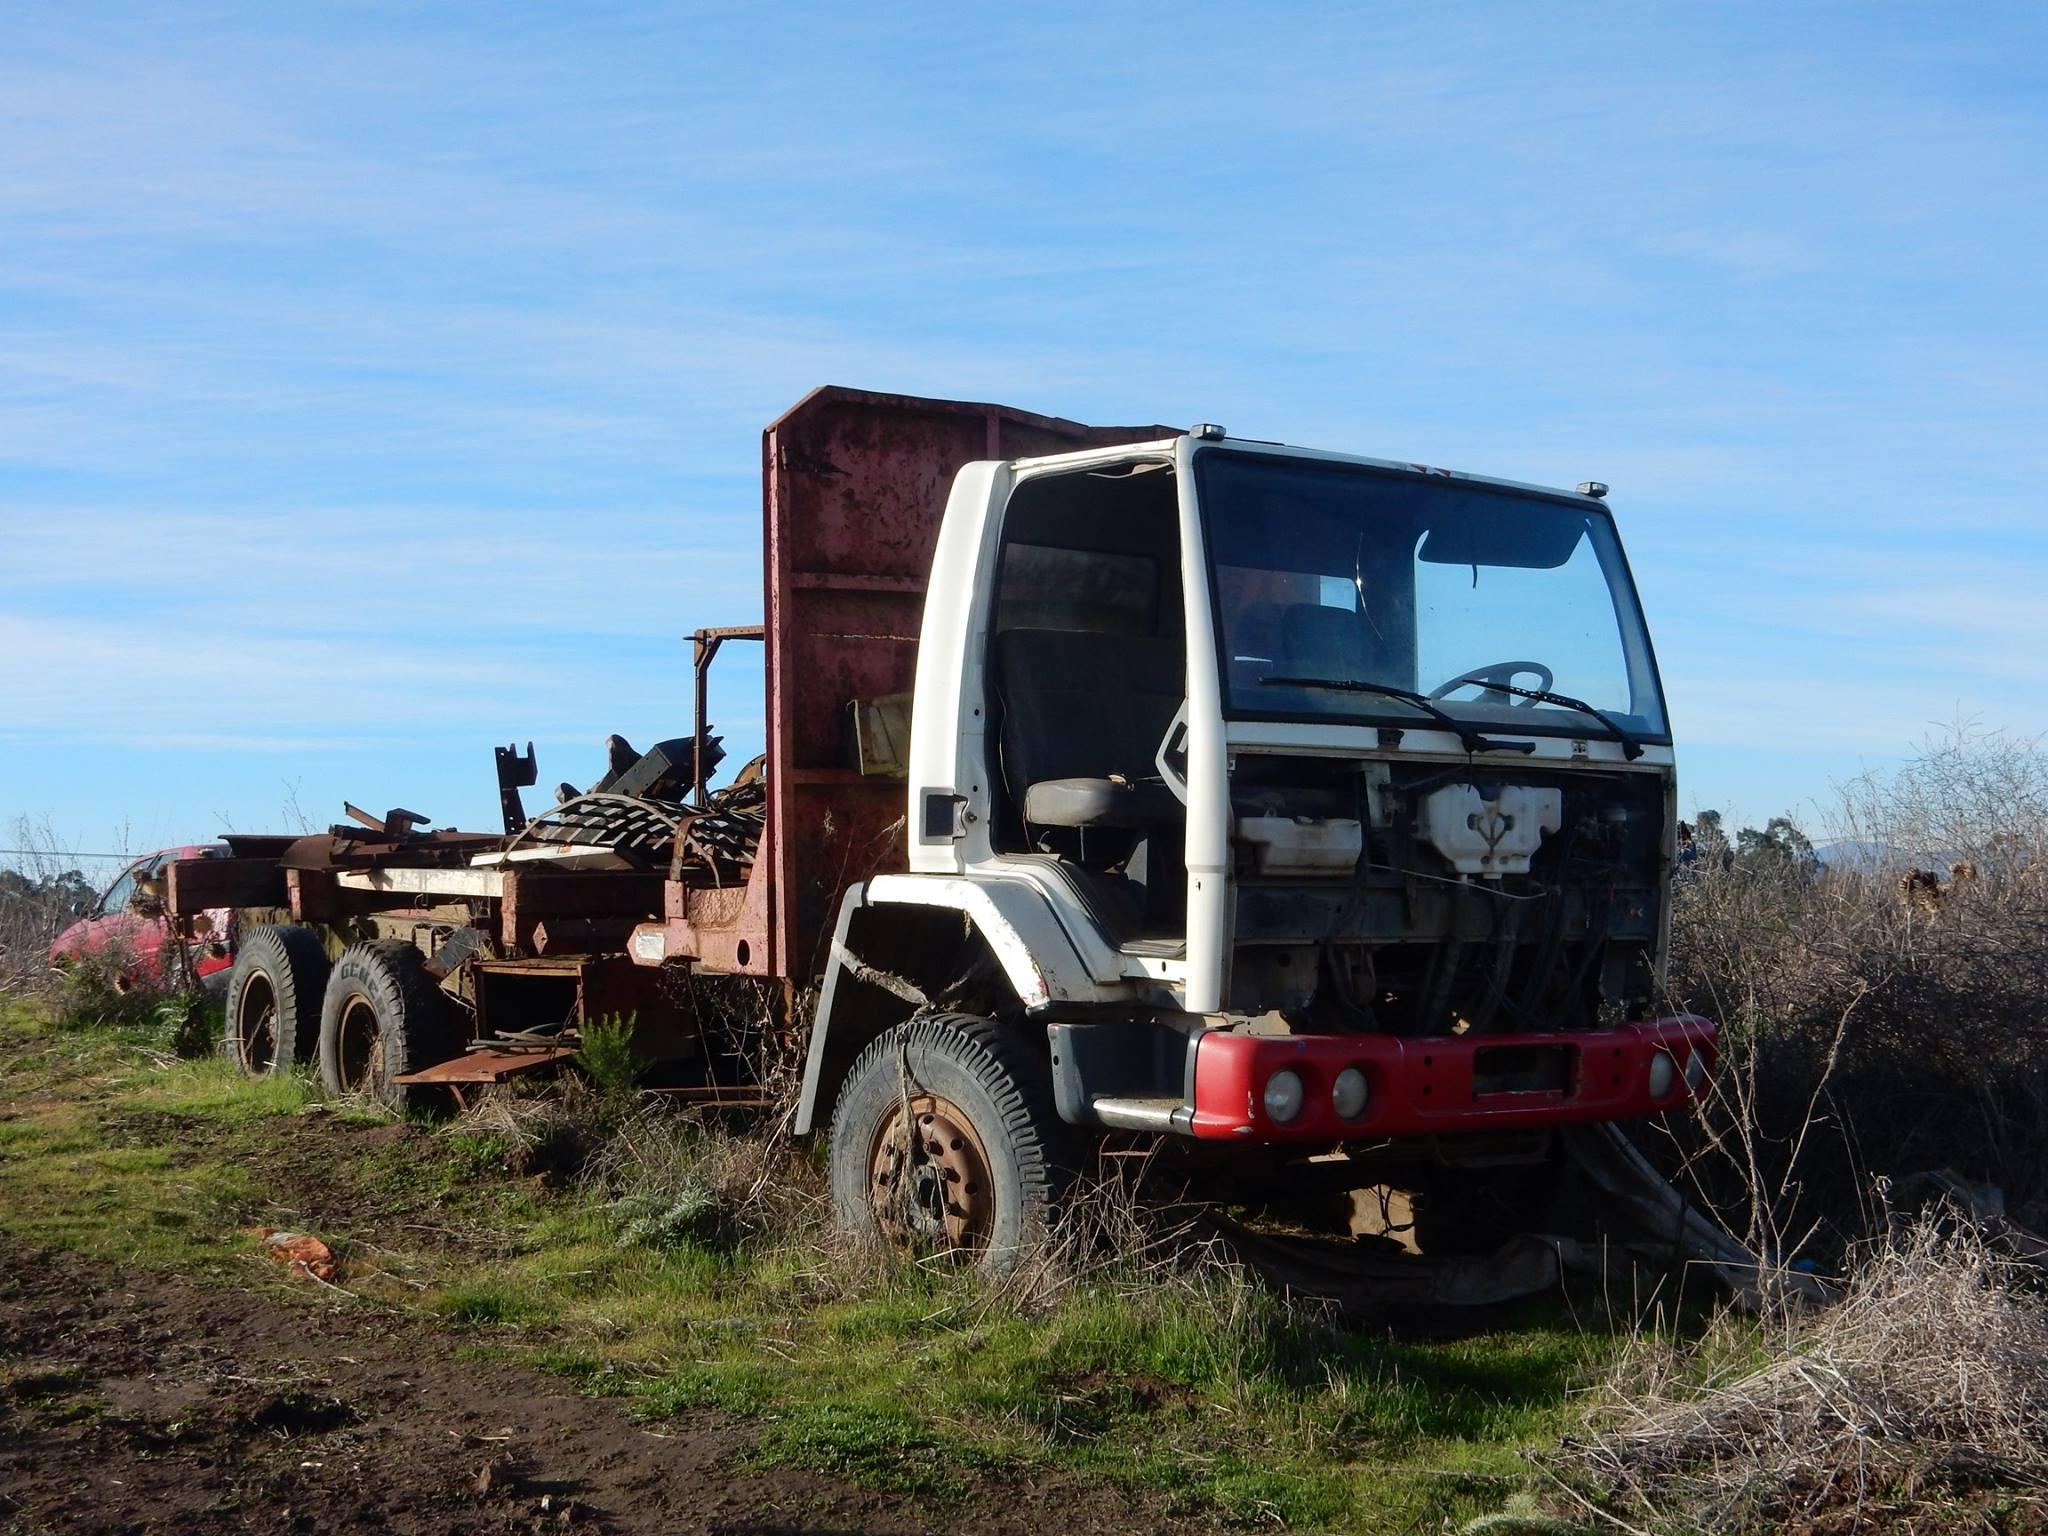 Camiones-vieja-escuela-olvidados-75